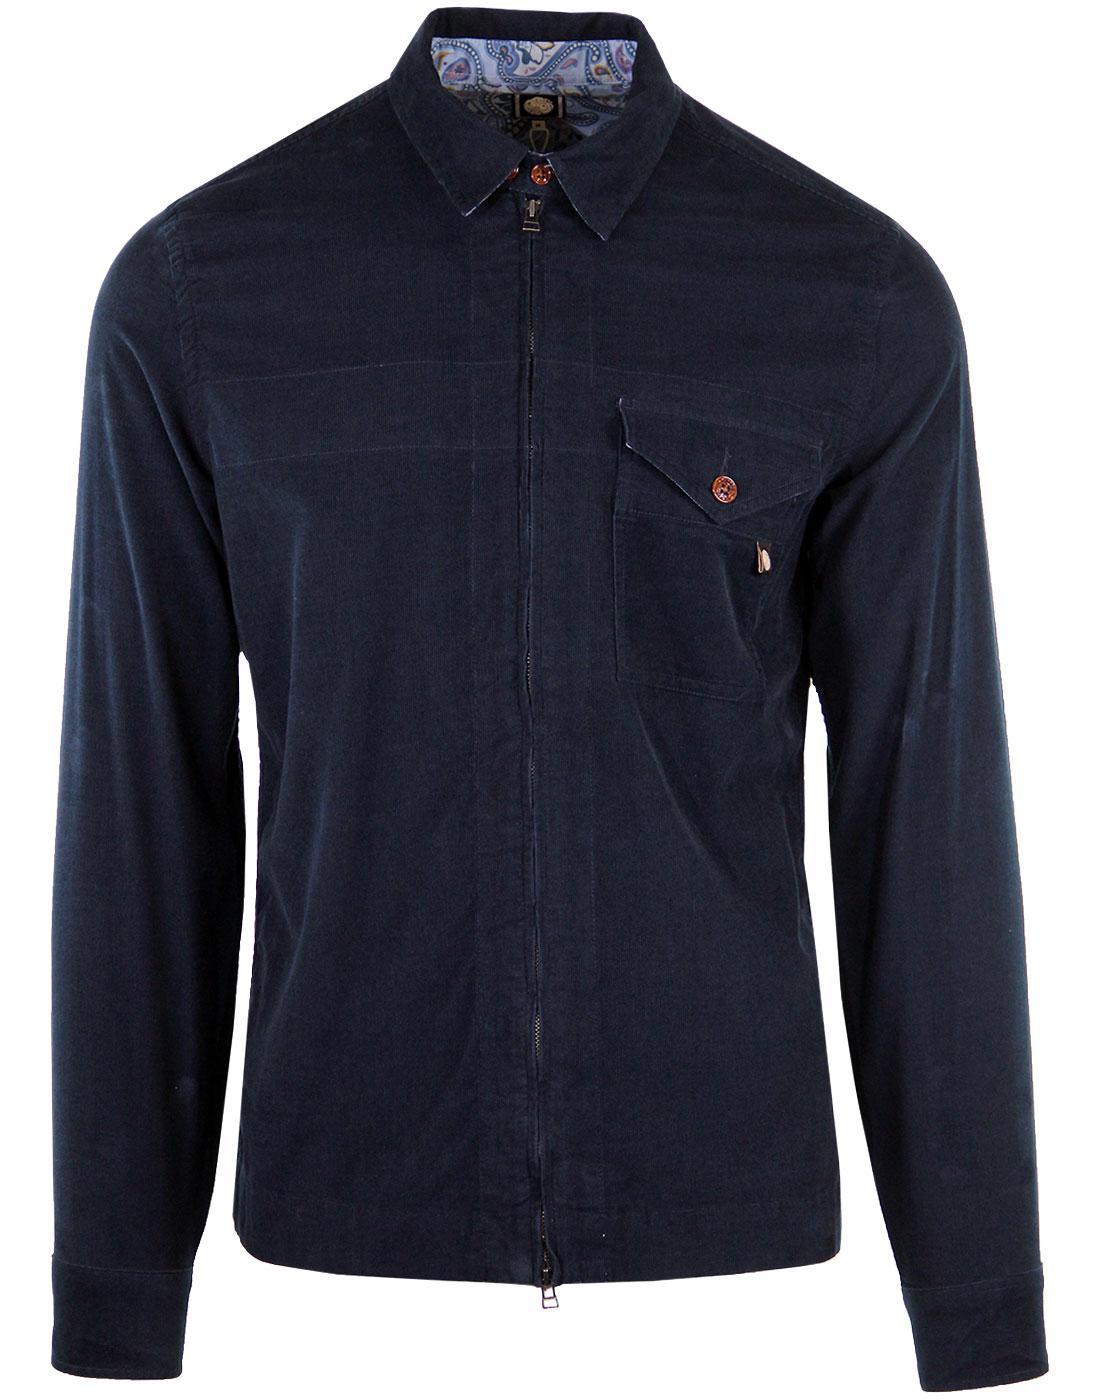 PRETTY GREEN Retro 60's Zip Through Cord Shirt N